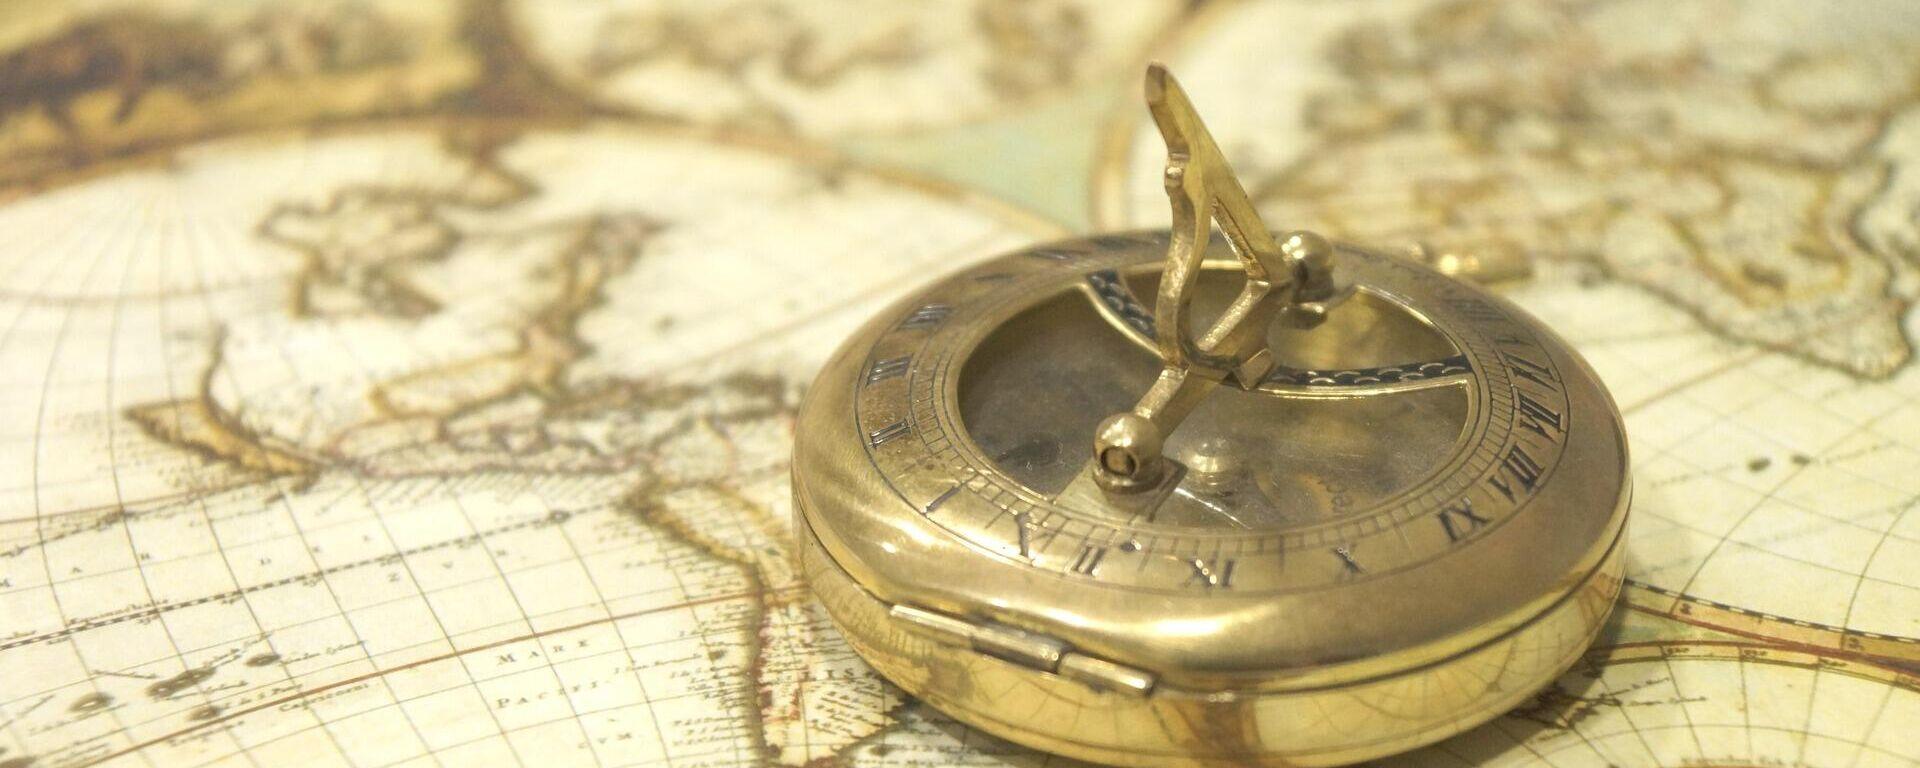 Mapa antiguo y una brújula. Imagen referencial - Sputnik Mundo, 1920, 07.06.2021